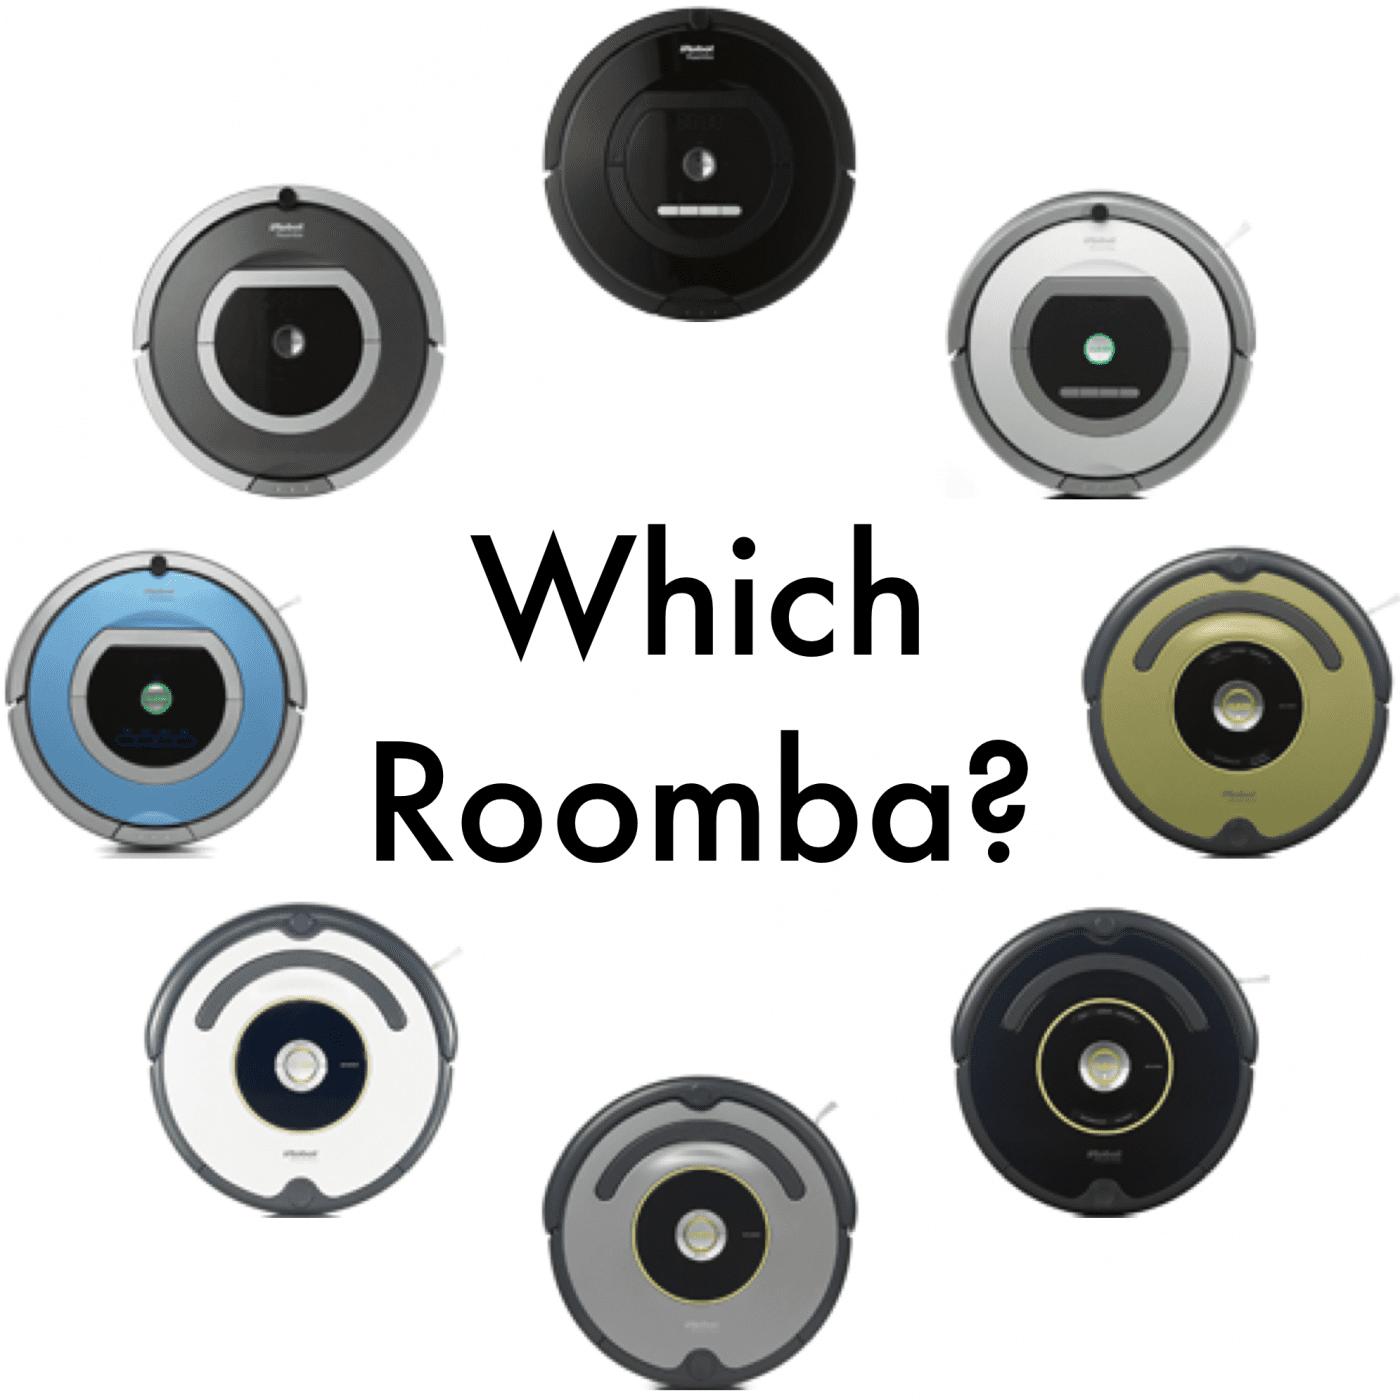 ¿ Qué Roomba comprar ?